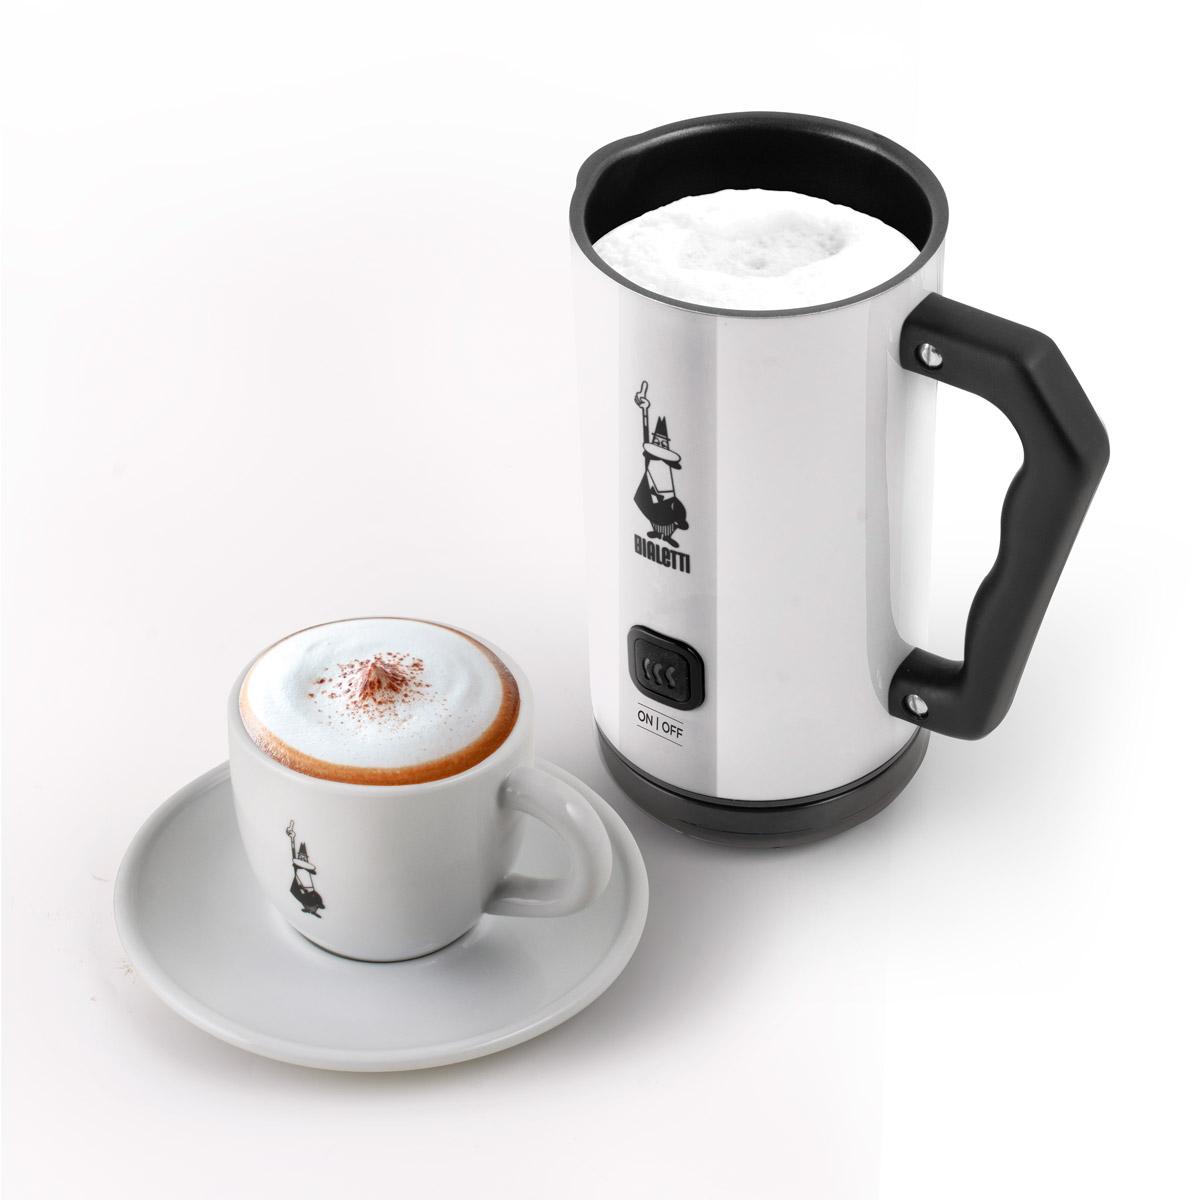 Milk Frother Espumador de leche eléctrico automático Blanco y taza para cappuccino Bialetti